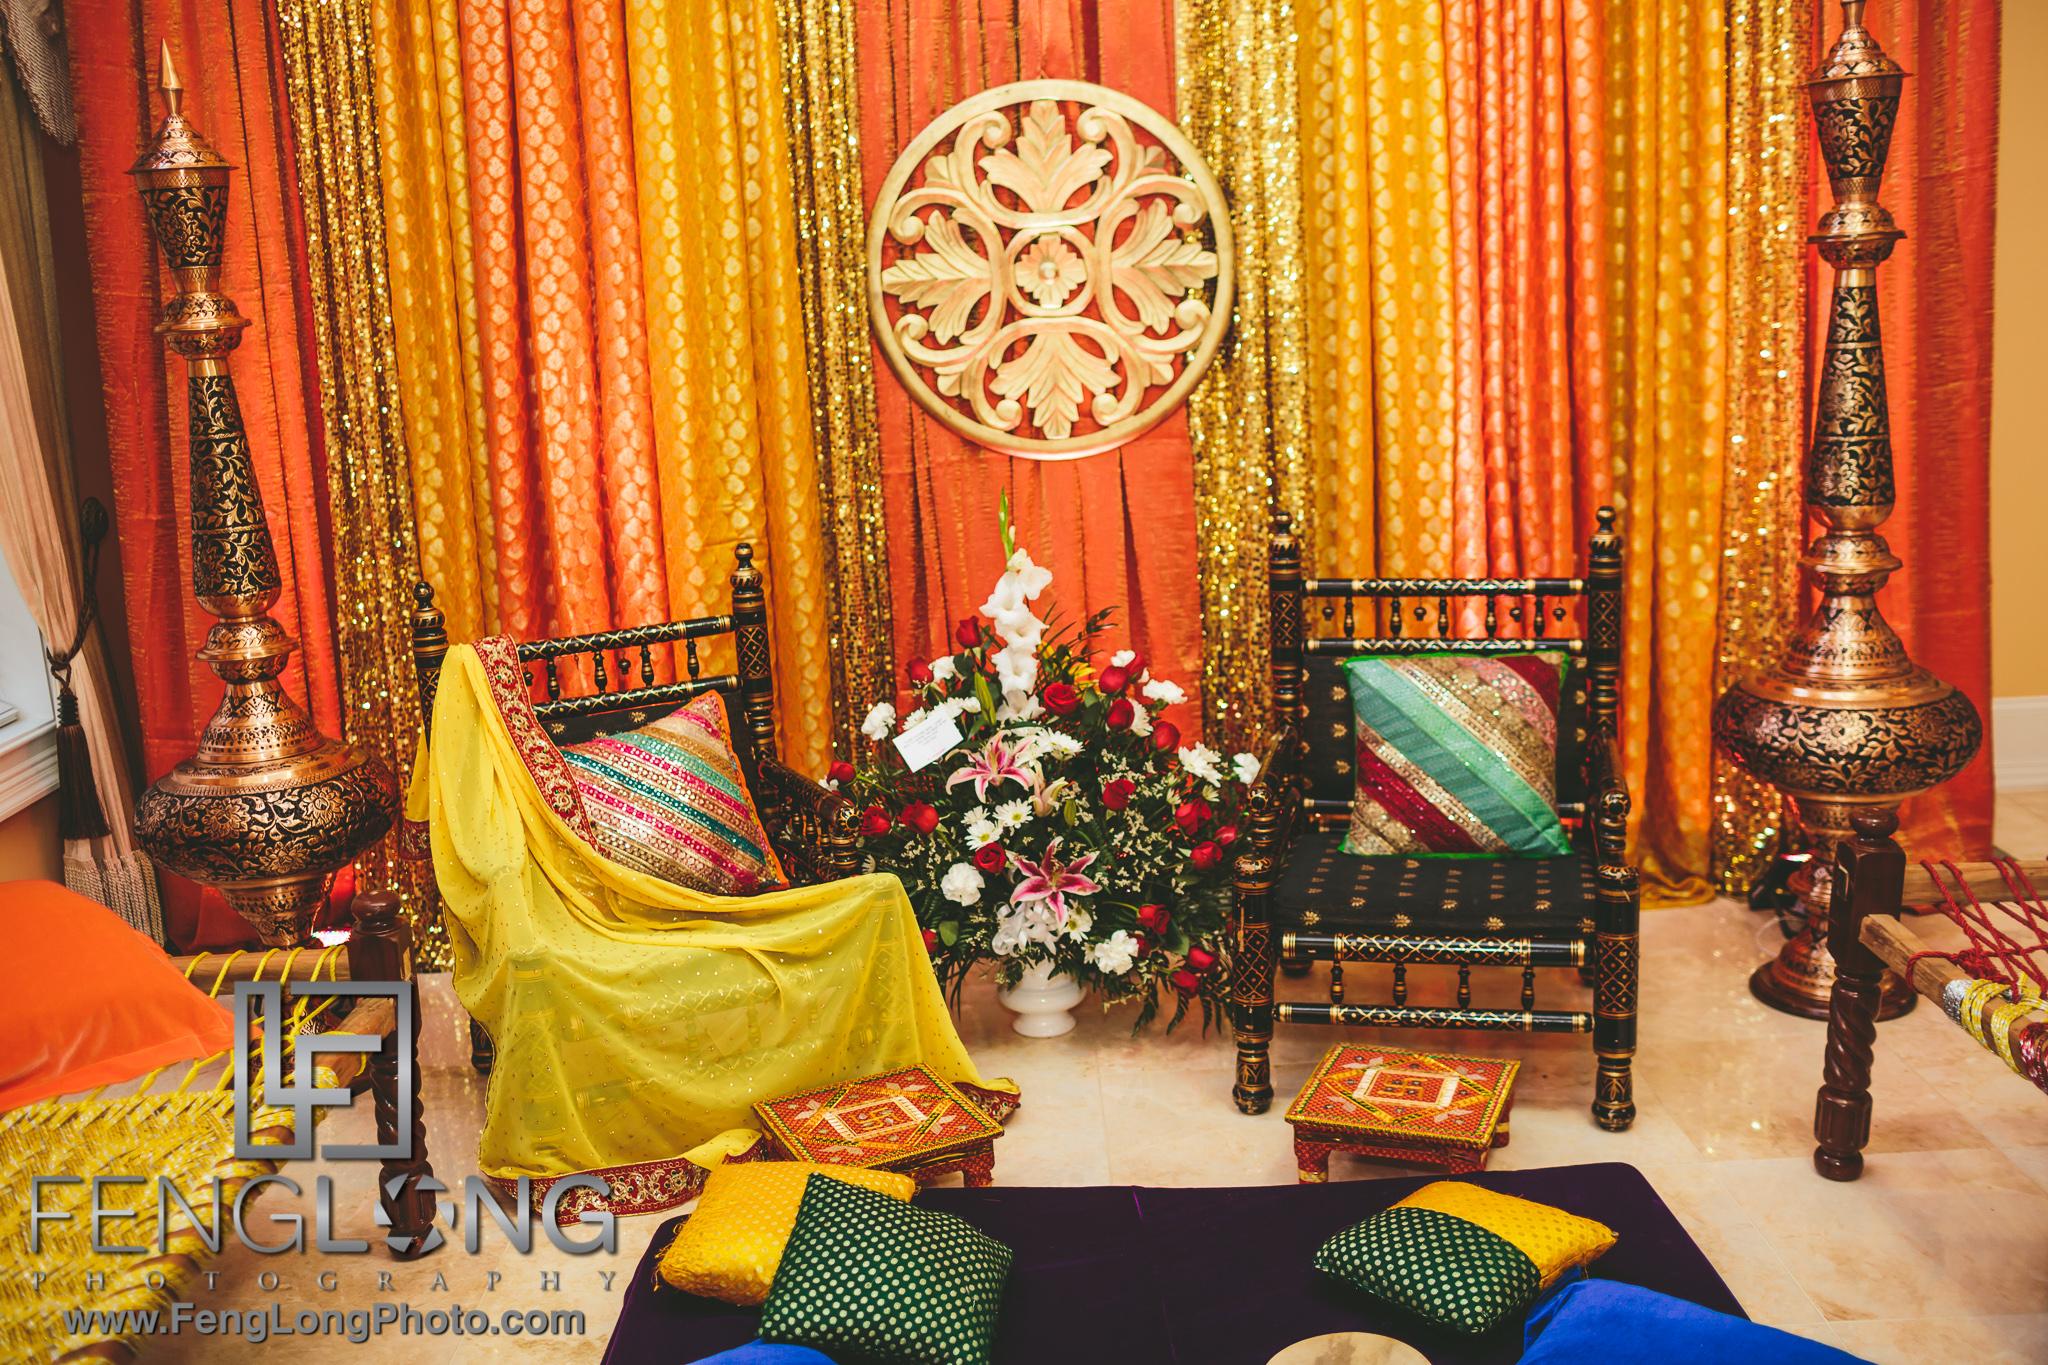 atlanta-indian-wedding-mehndi-night-324351